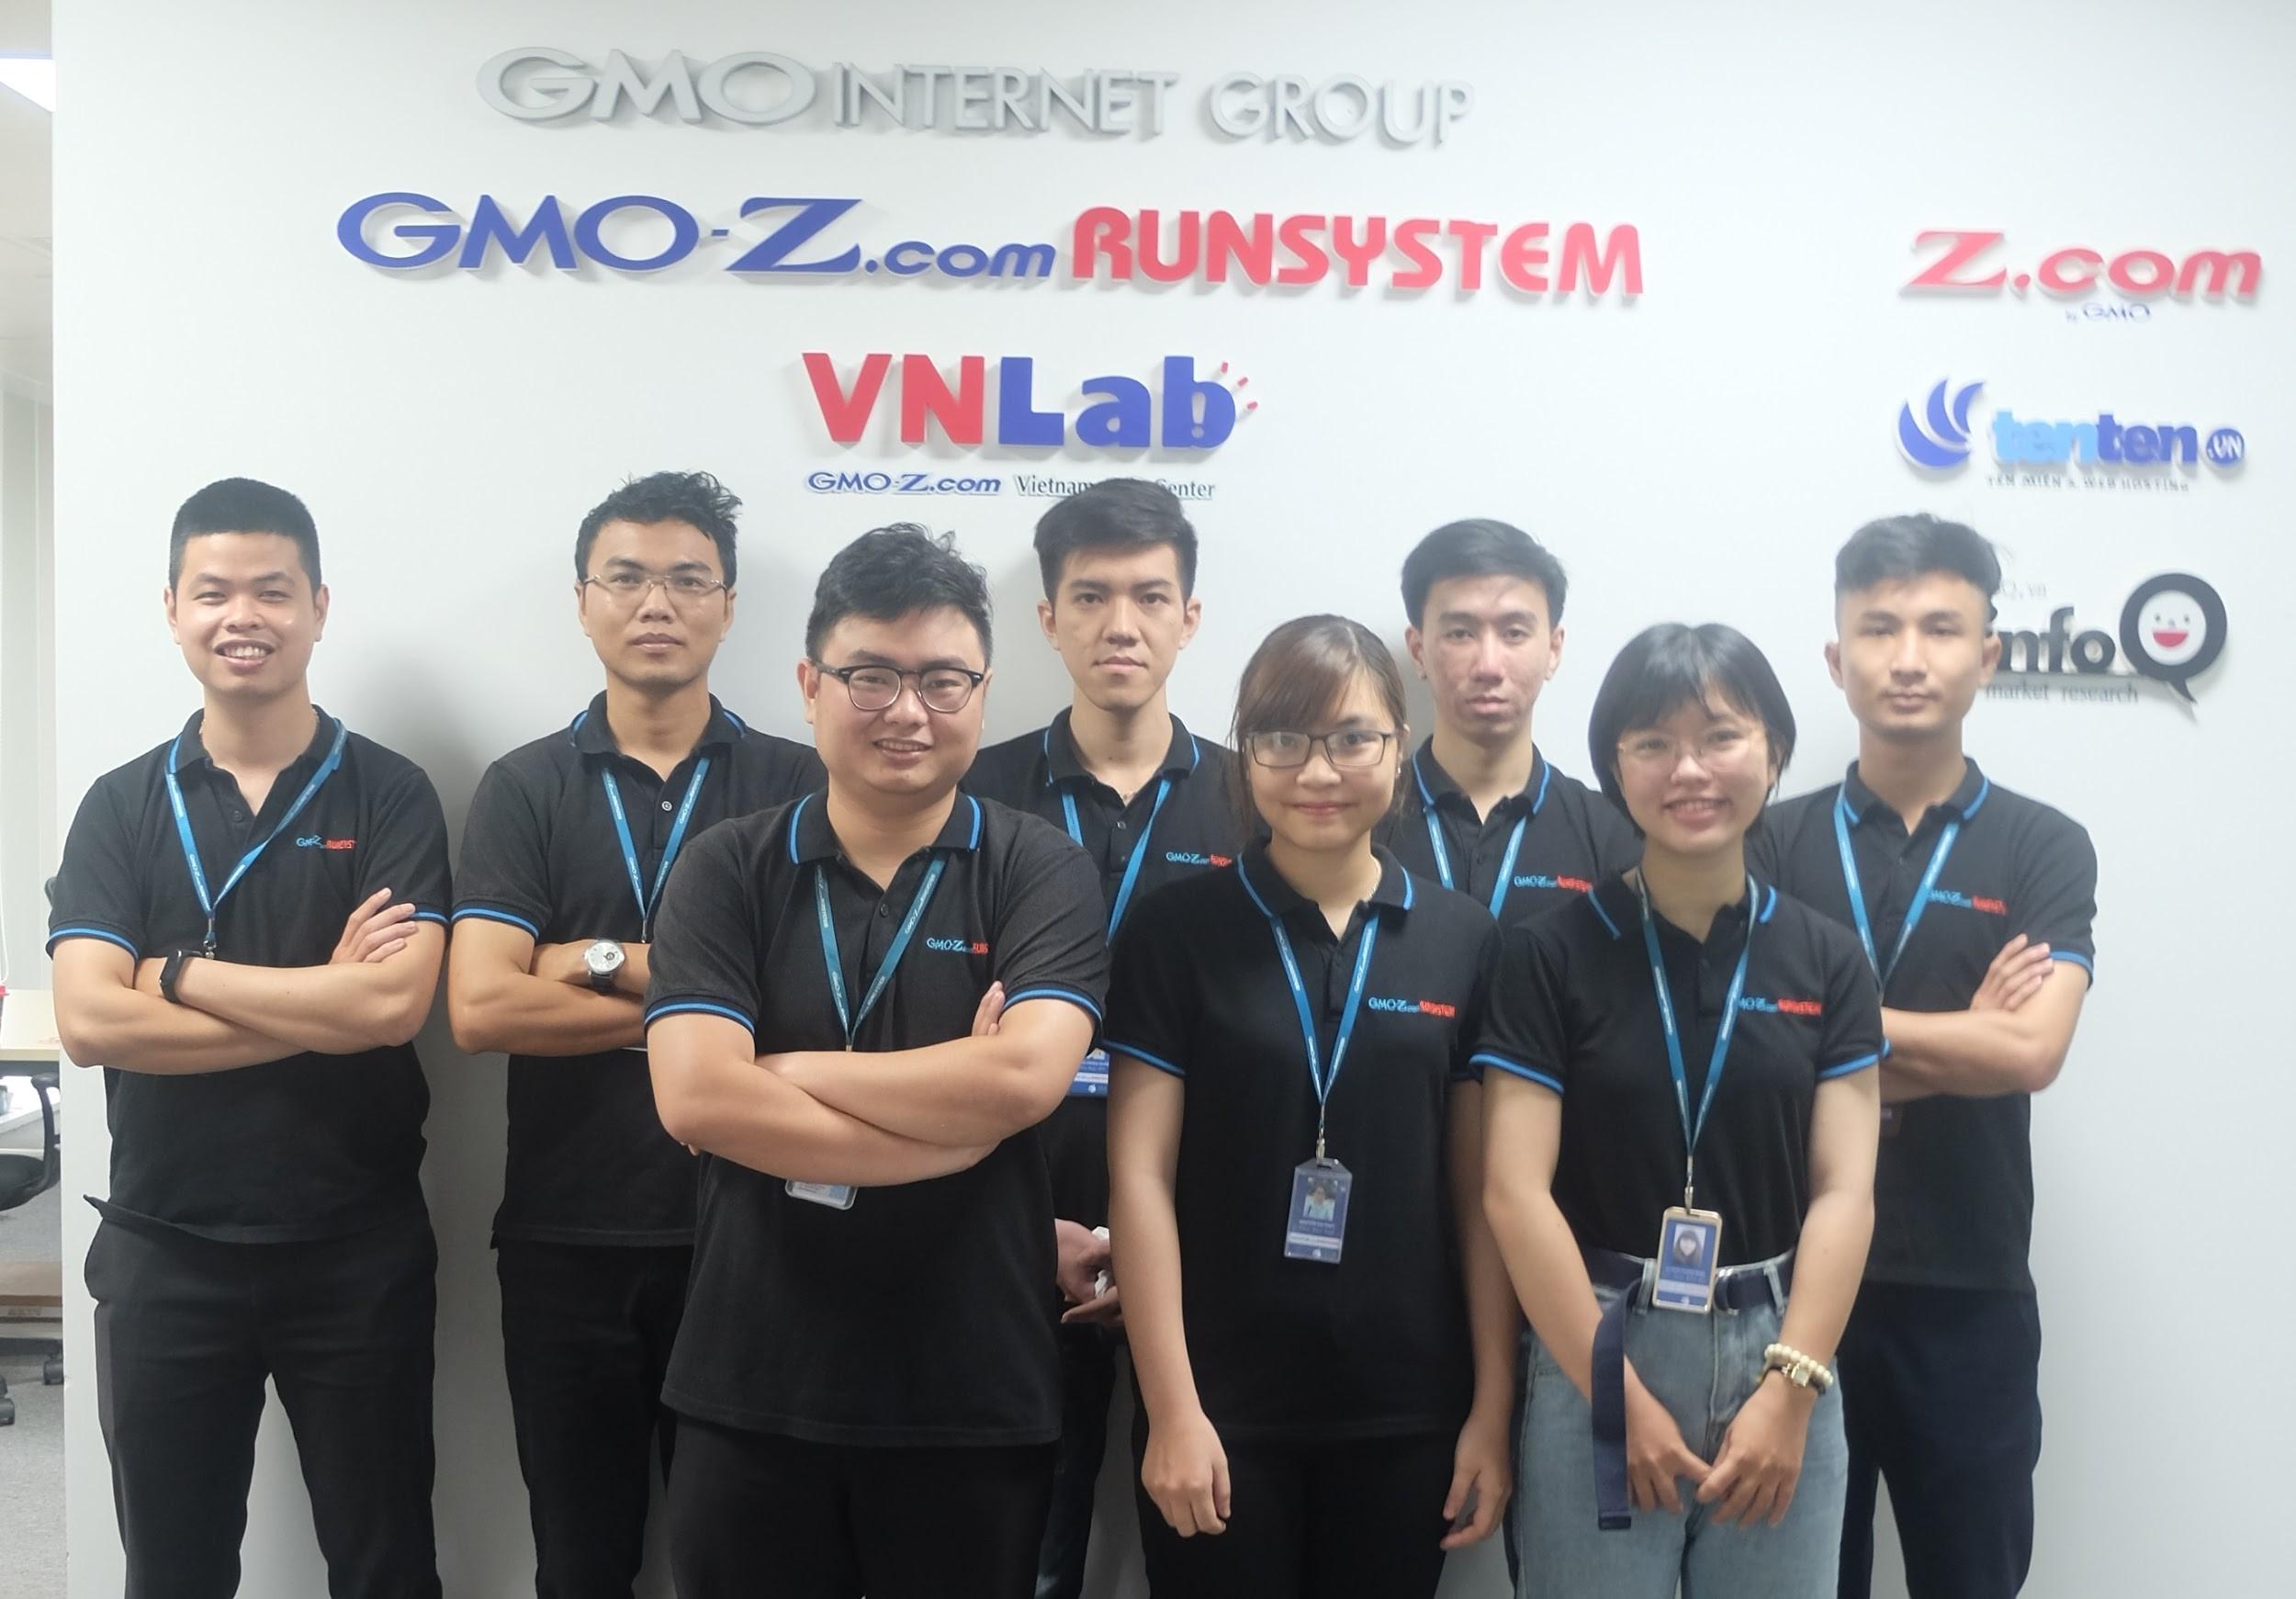 受託開発チームでも問題なくプロダクト開発が可能な話: ベトナムソフトウエア協会から受賞した自社プロダクトであるクラウドRPA SmartRPAの開発現場からの話